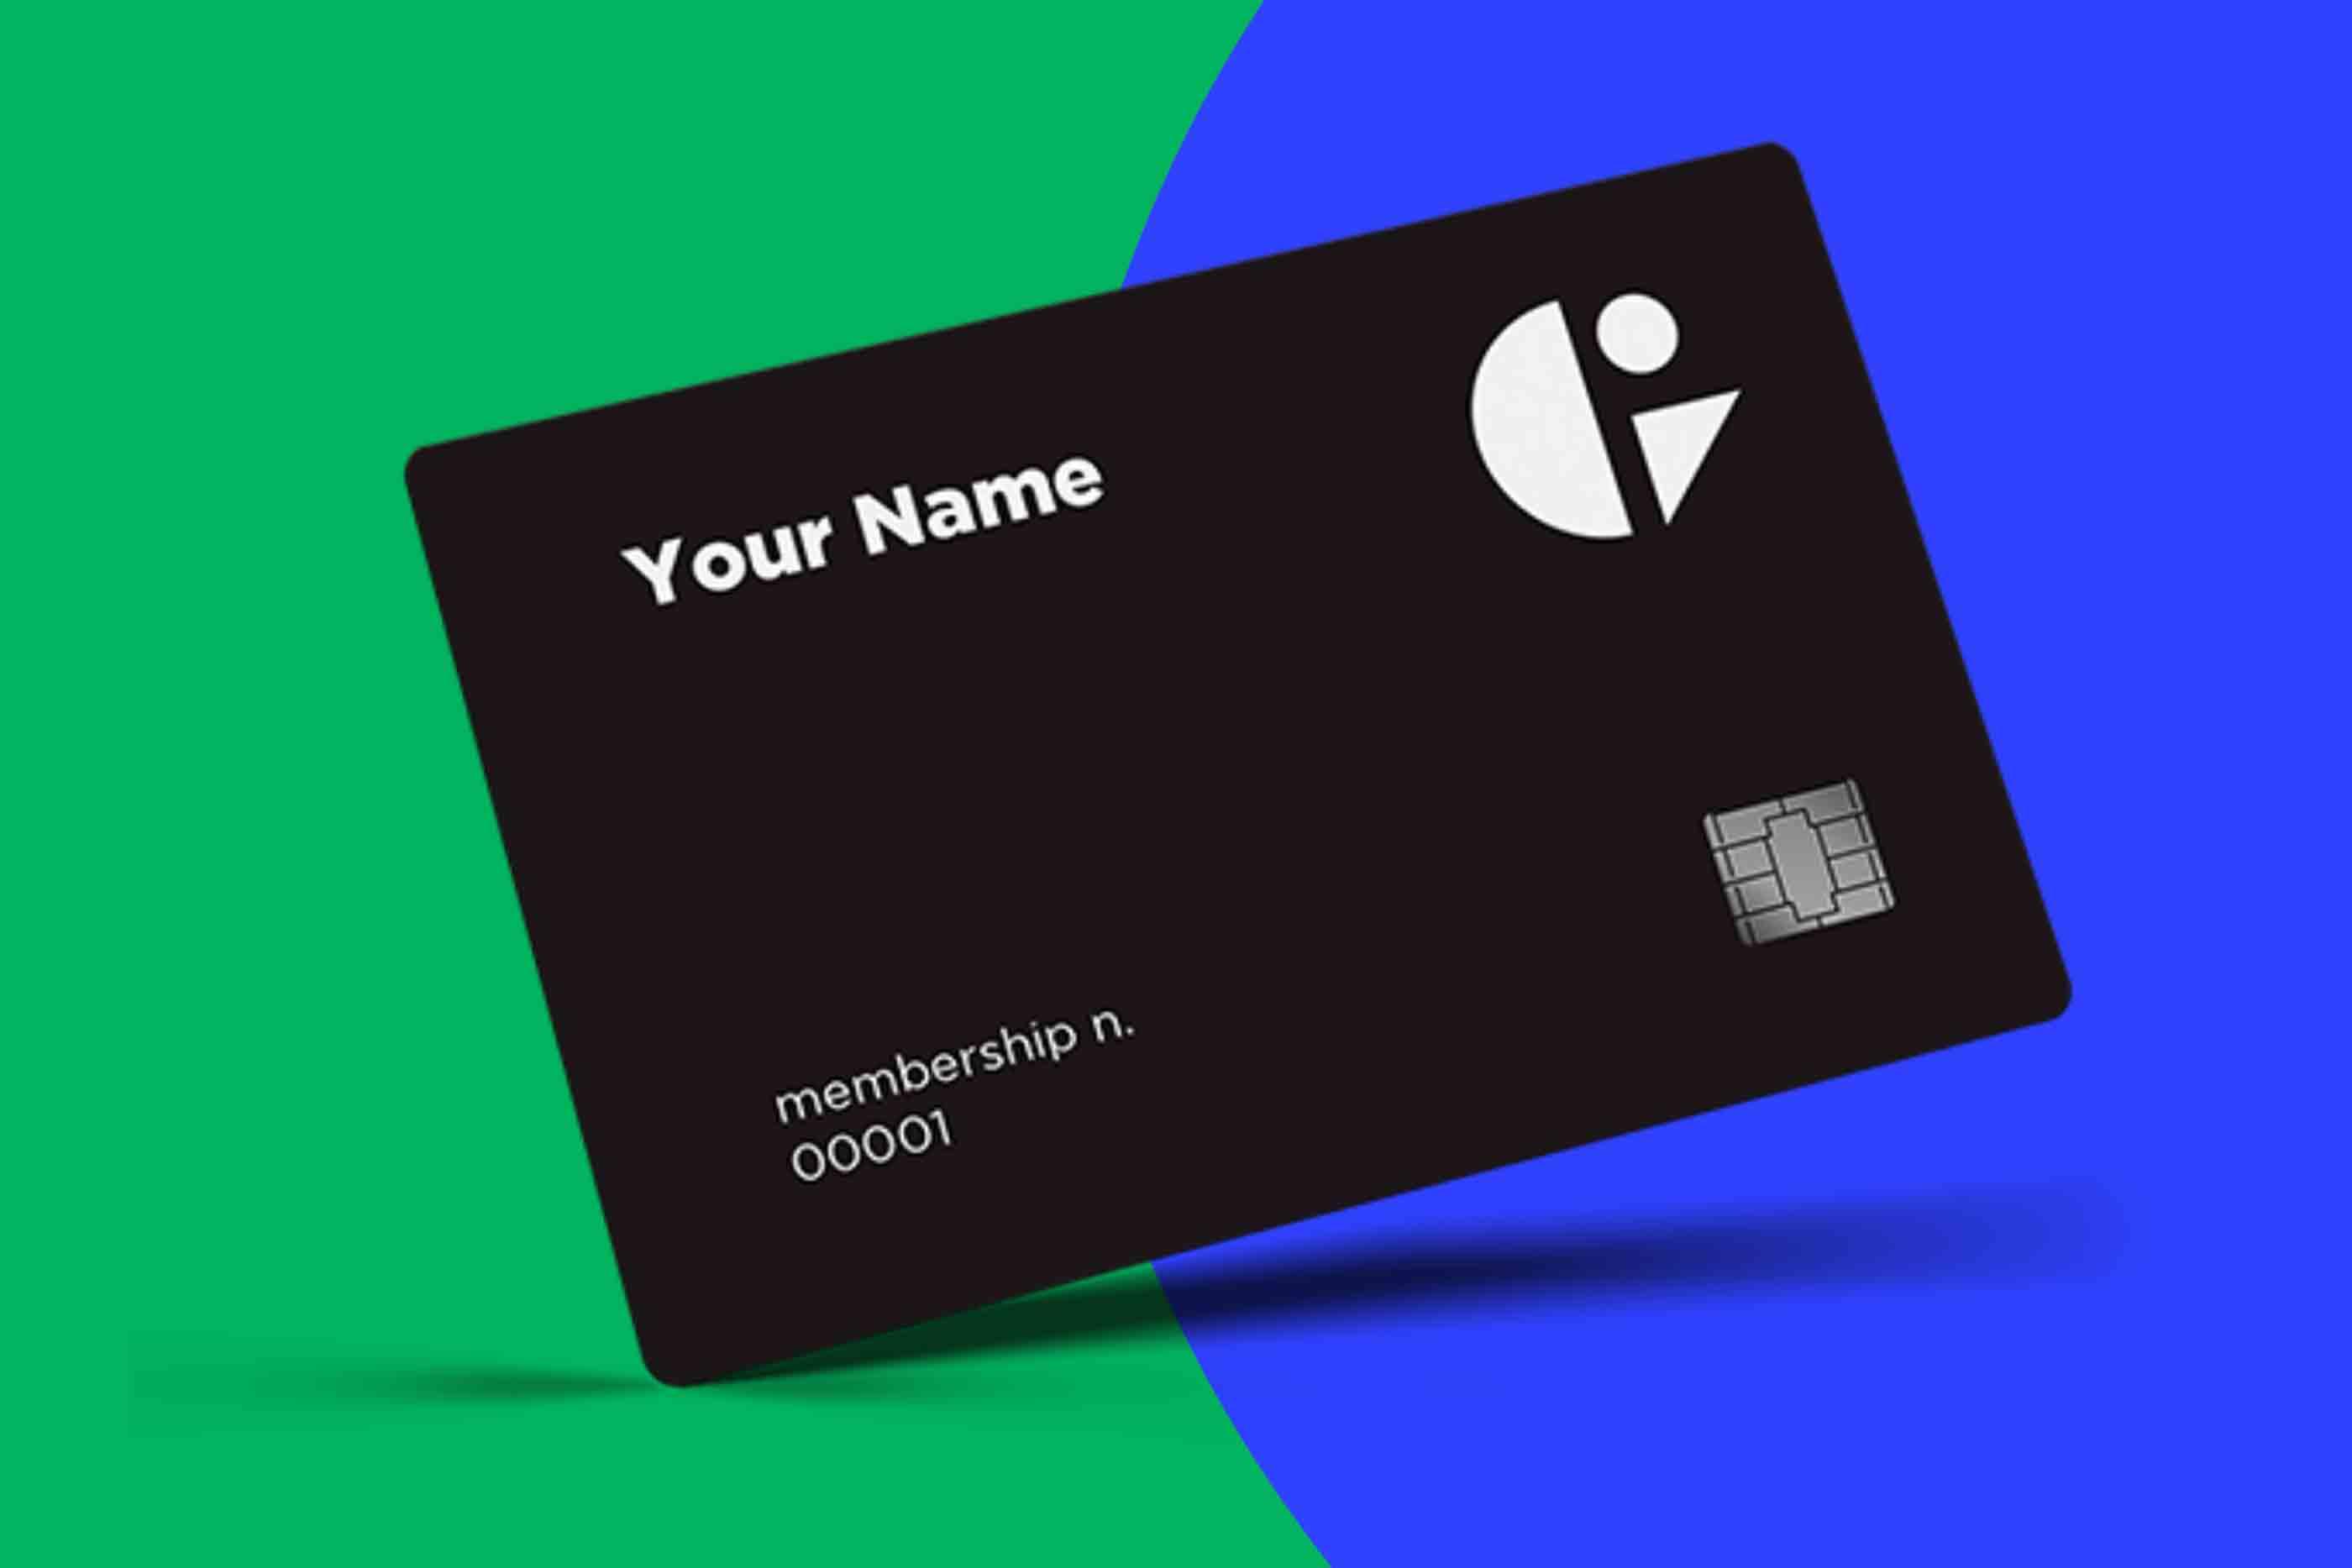 Cartão de Sócio Gig Club, preto, representado num fundo bi-color verde e azul